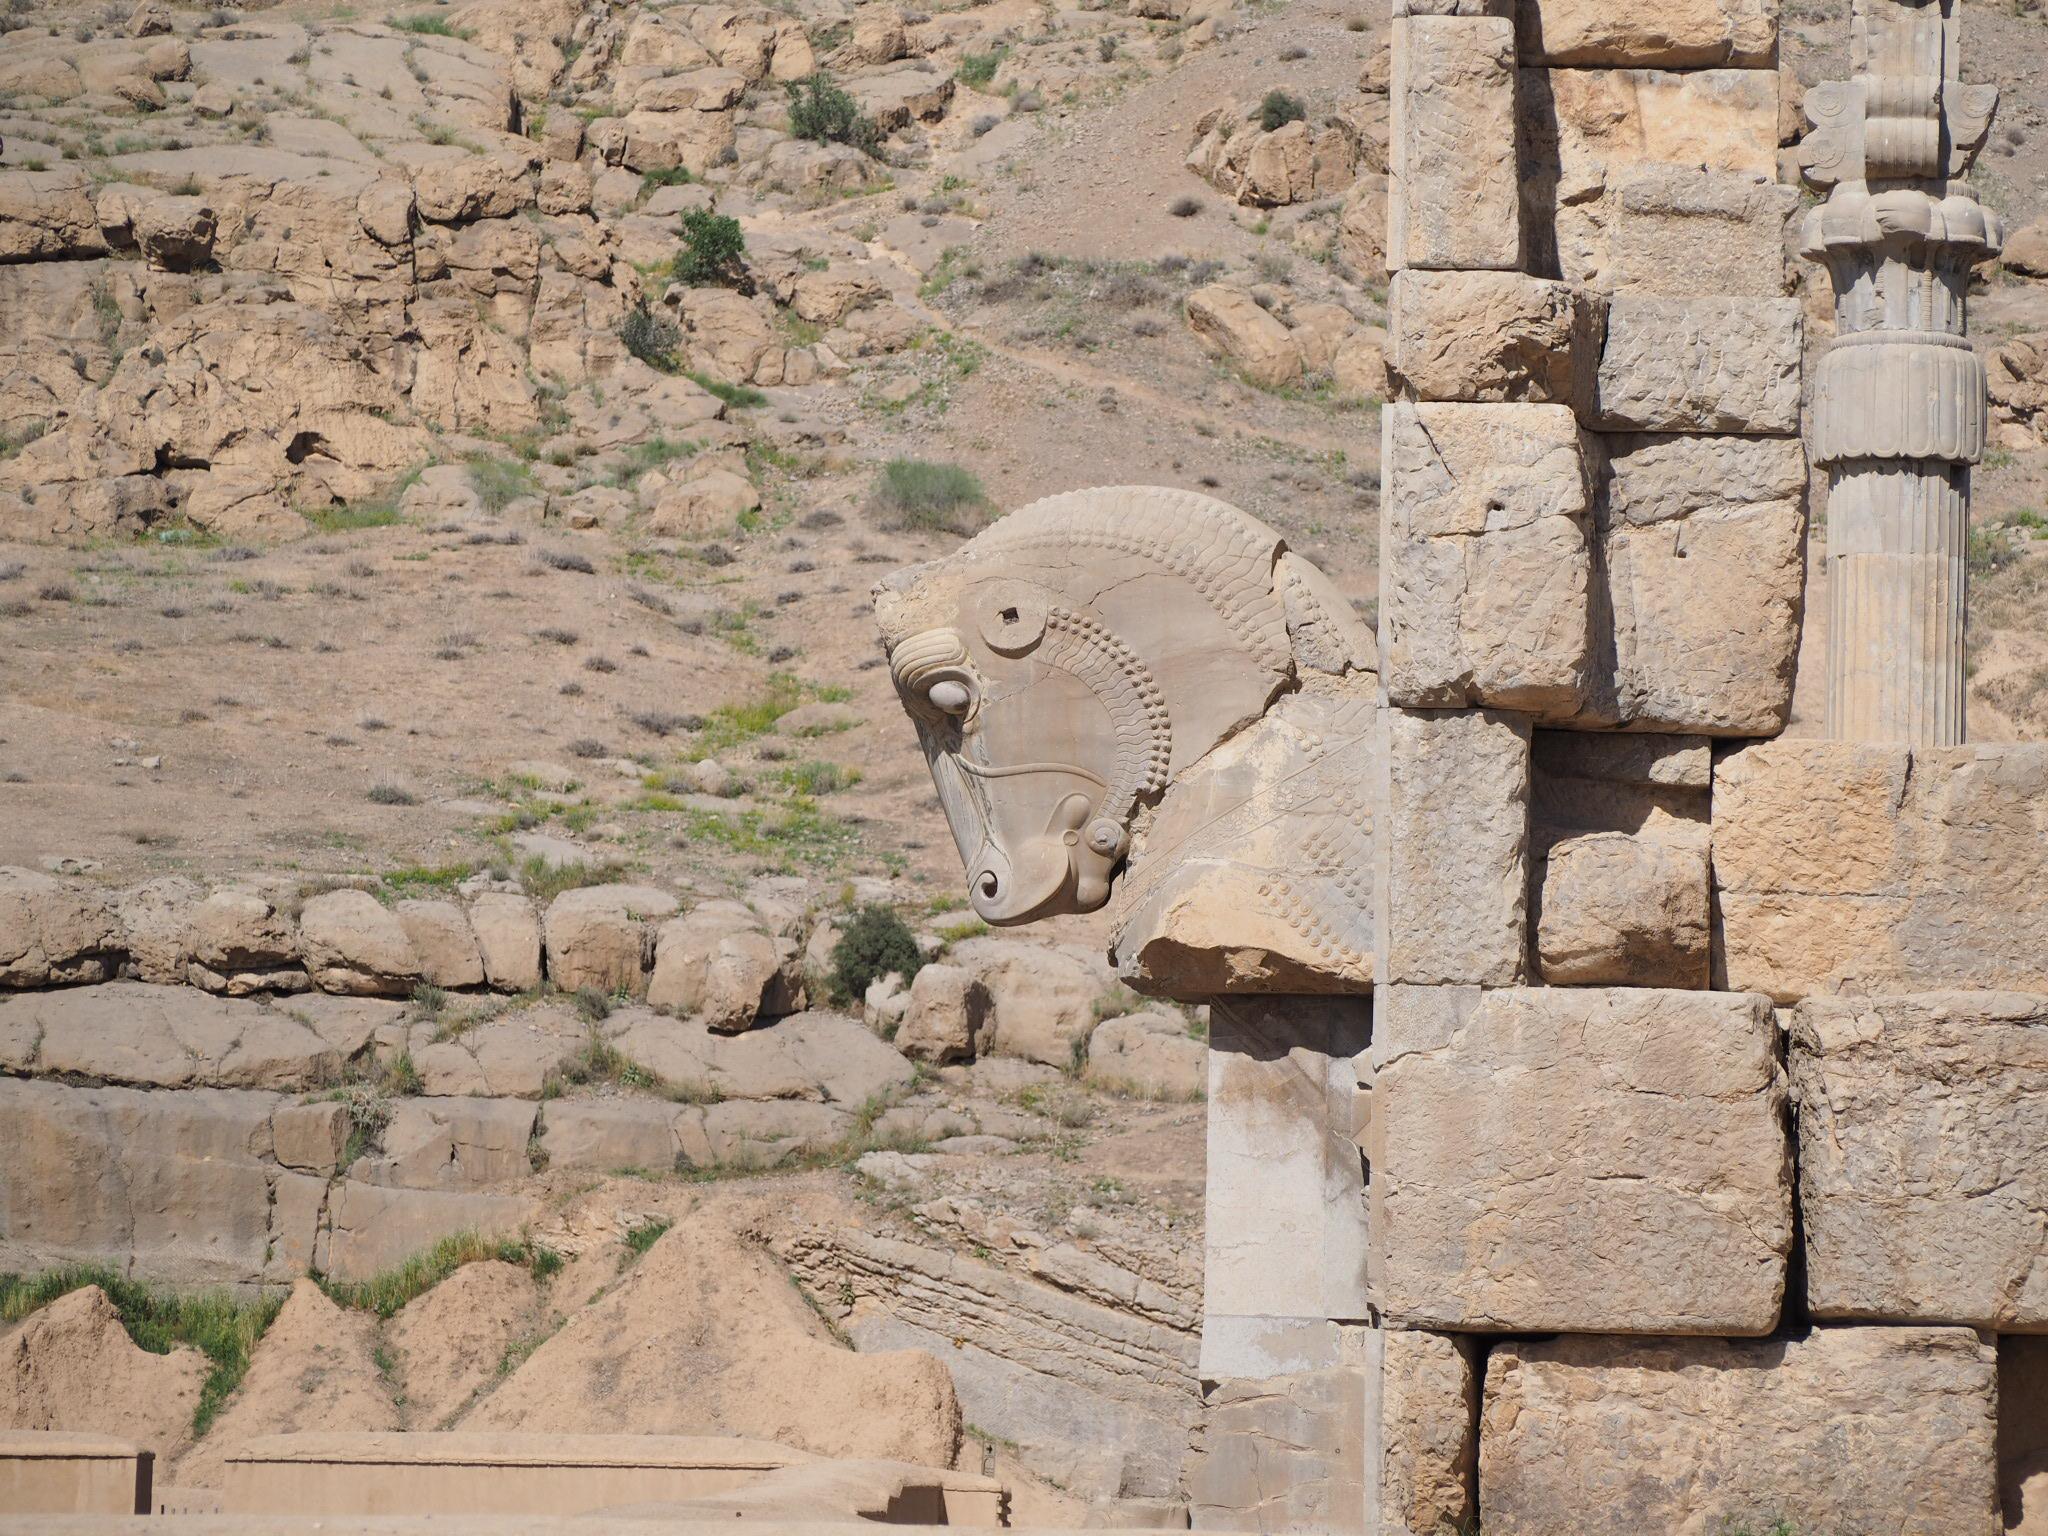 Gruzja-Armenia-Iran-Stambuł. Dzień 11: Persepolis 7